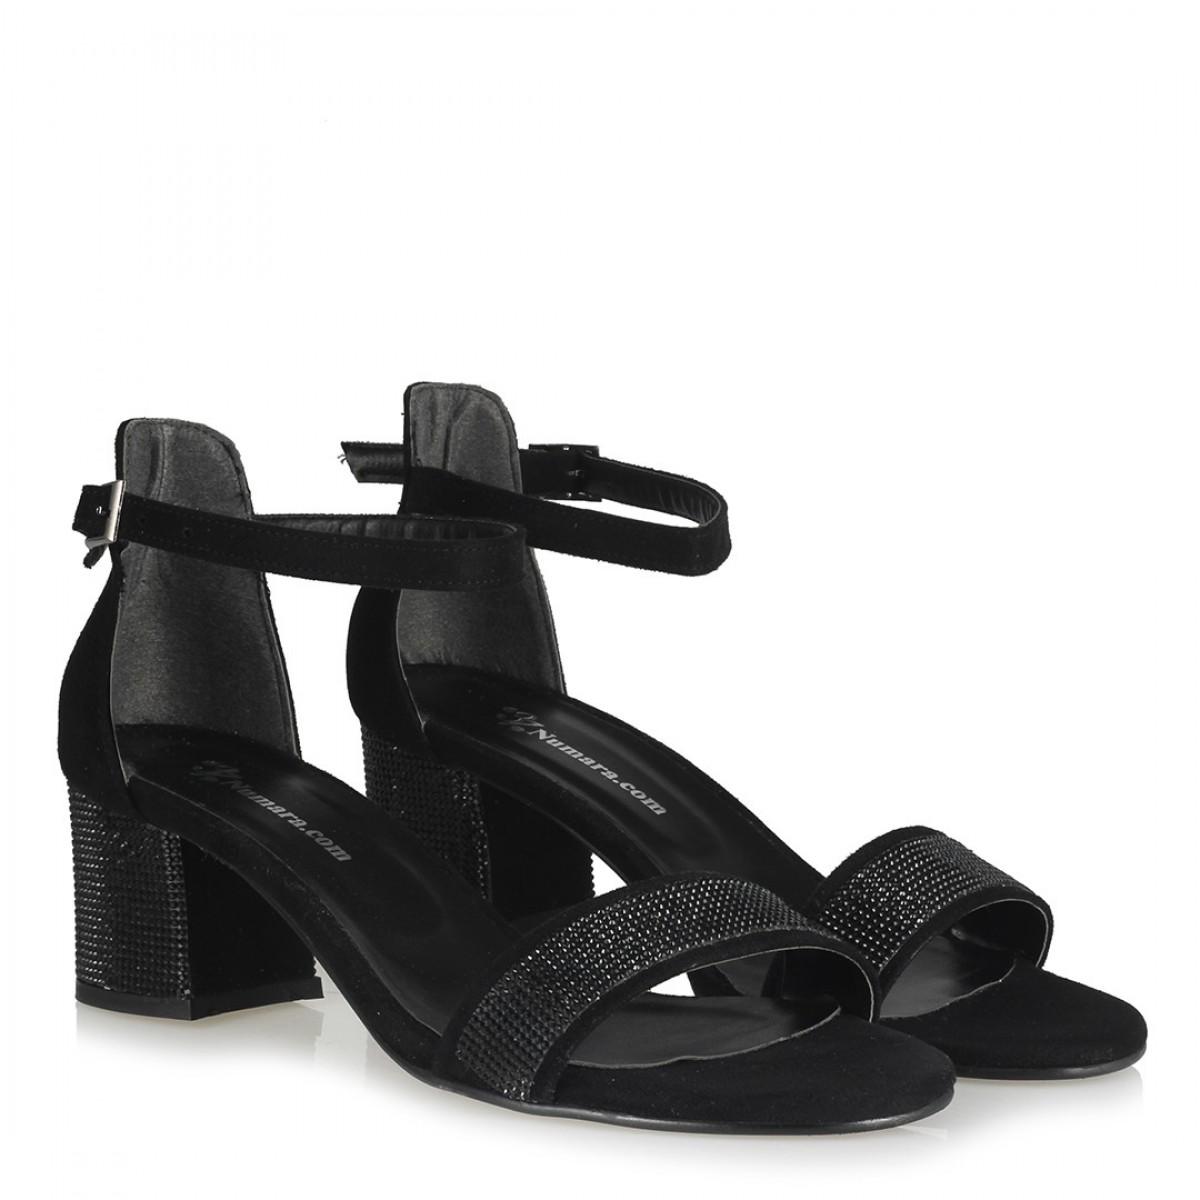 Az Topuklu Ayakkabı Siyah Taşlı Model